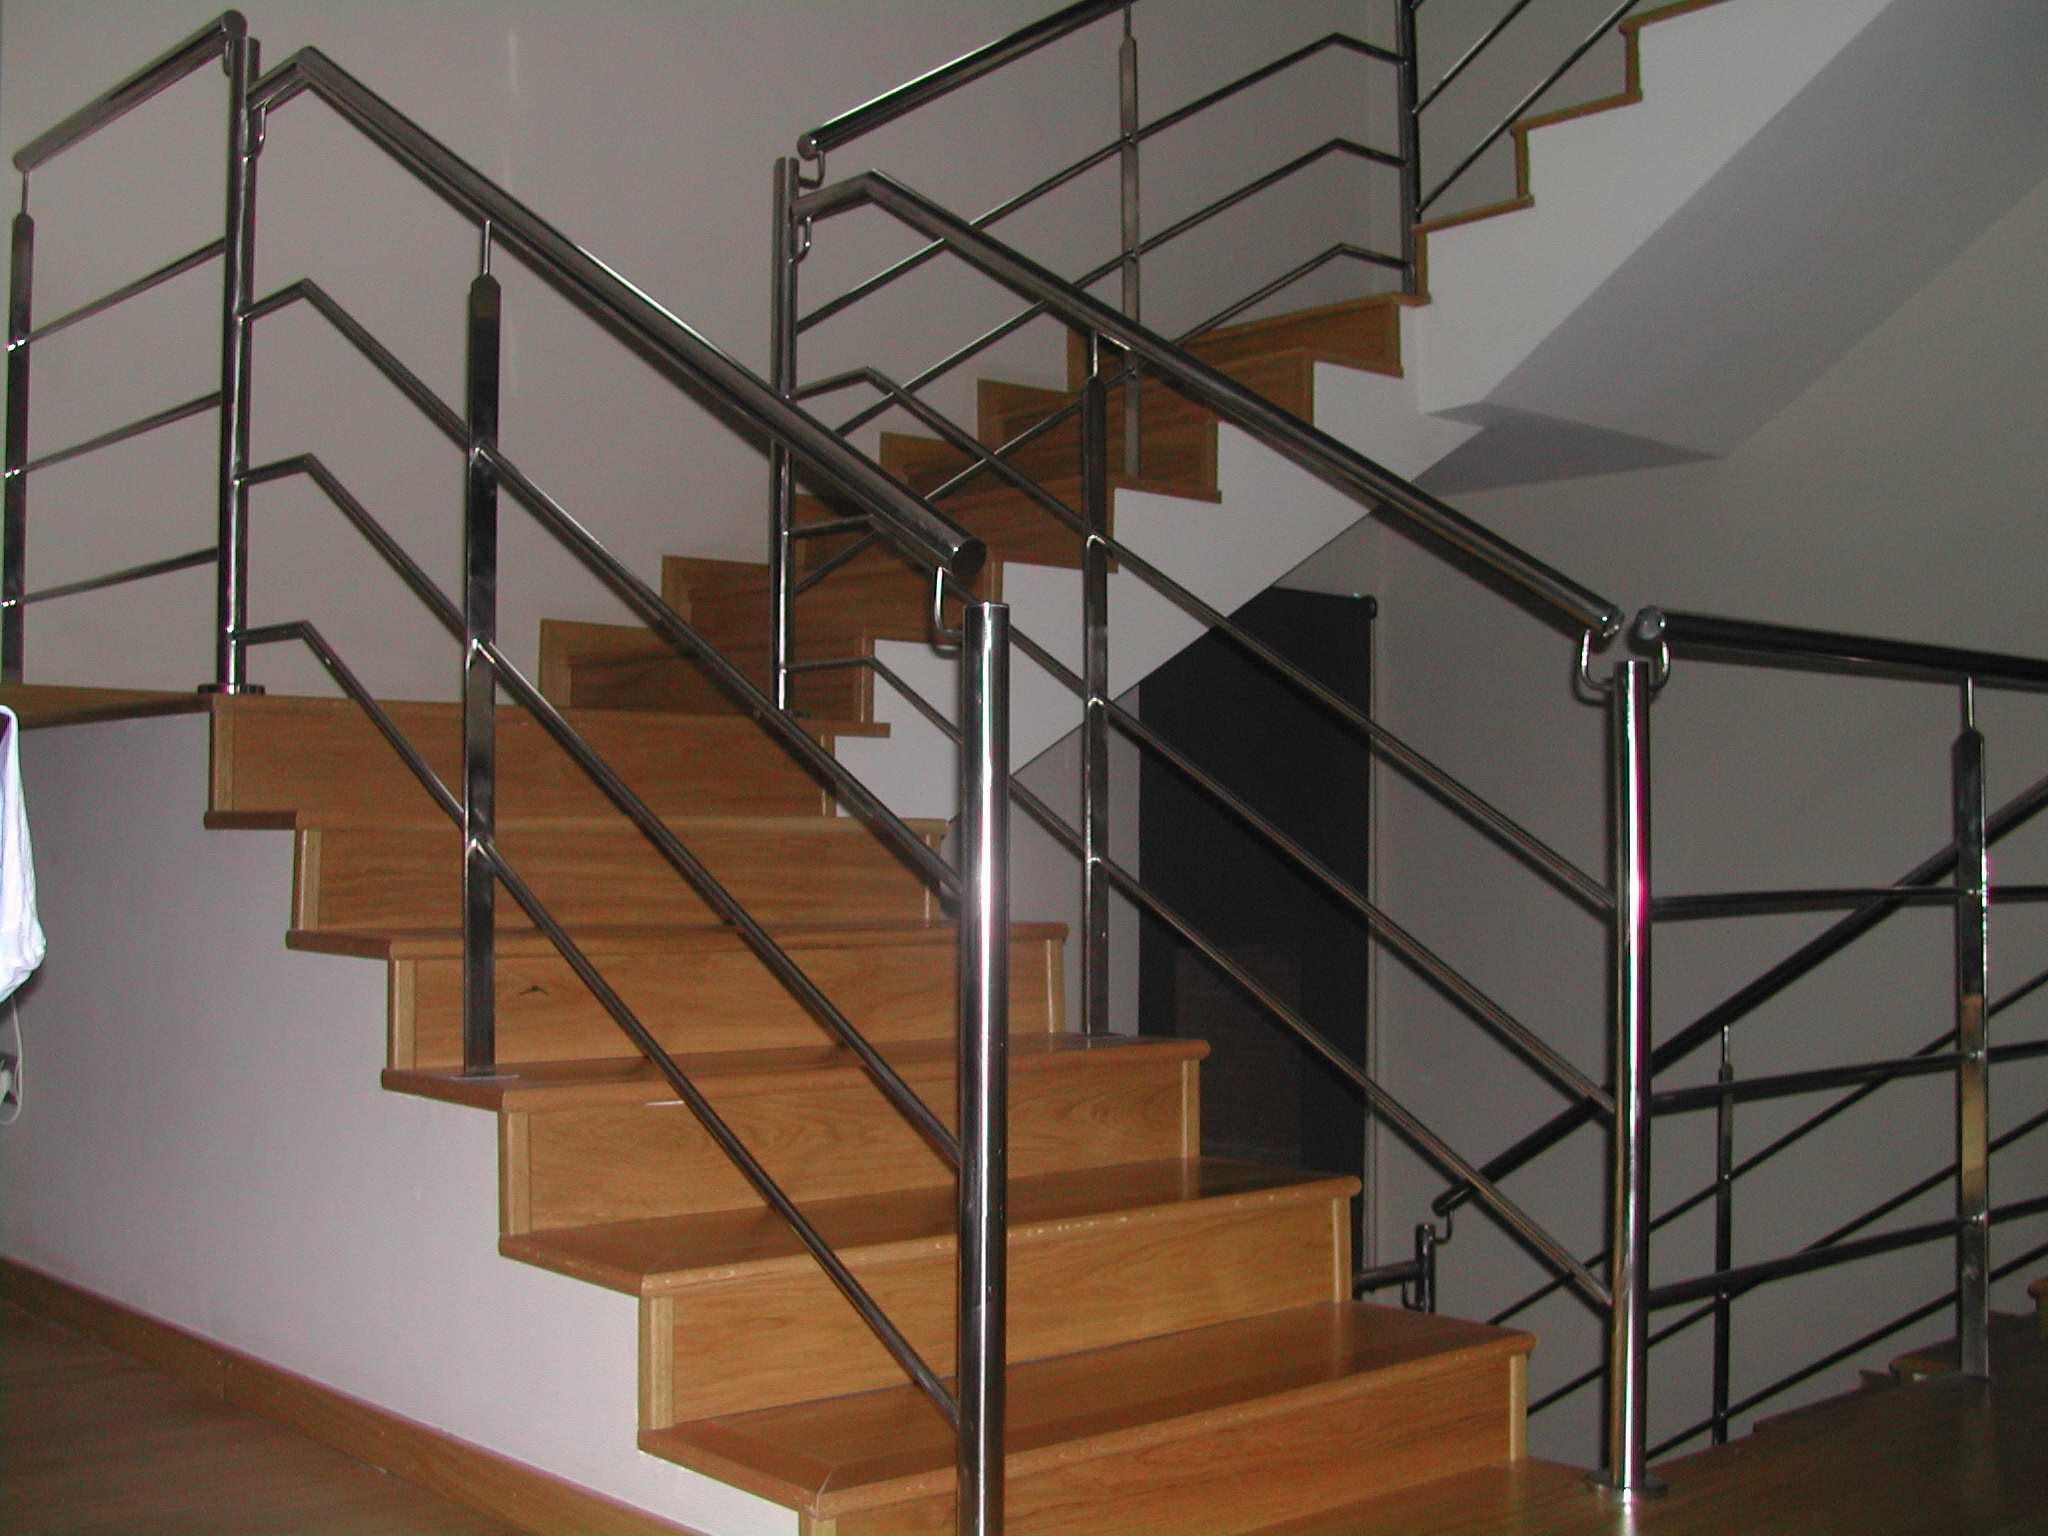 Pelda os y escaleras - Peldanos de escaleras ...